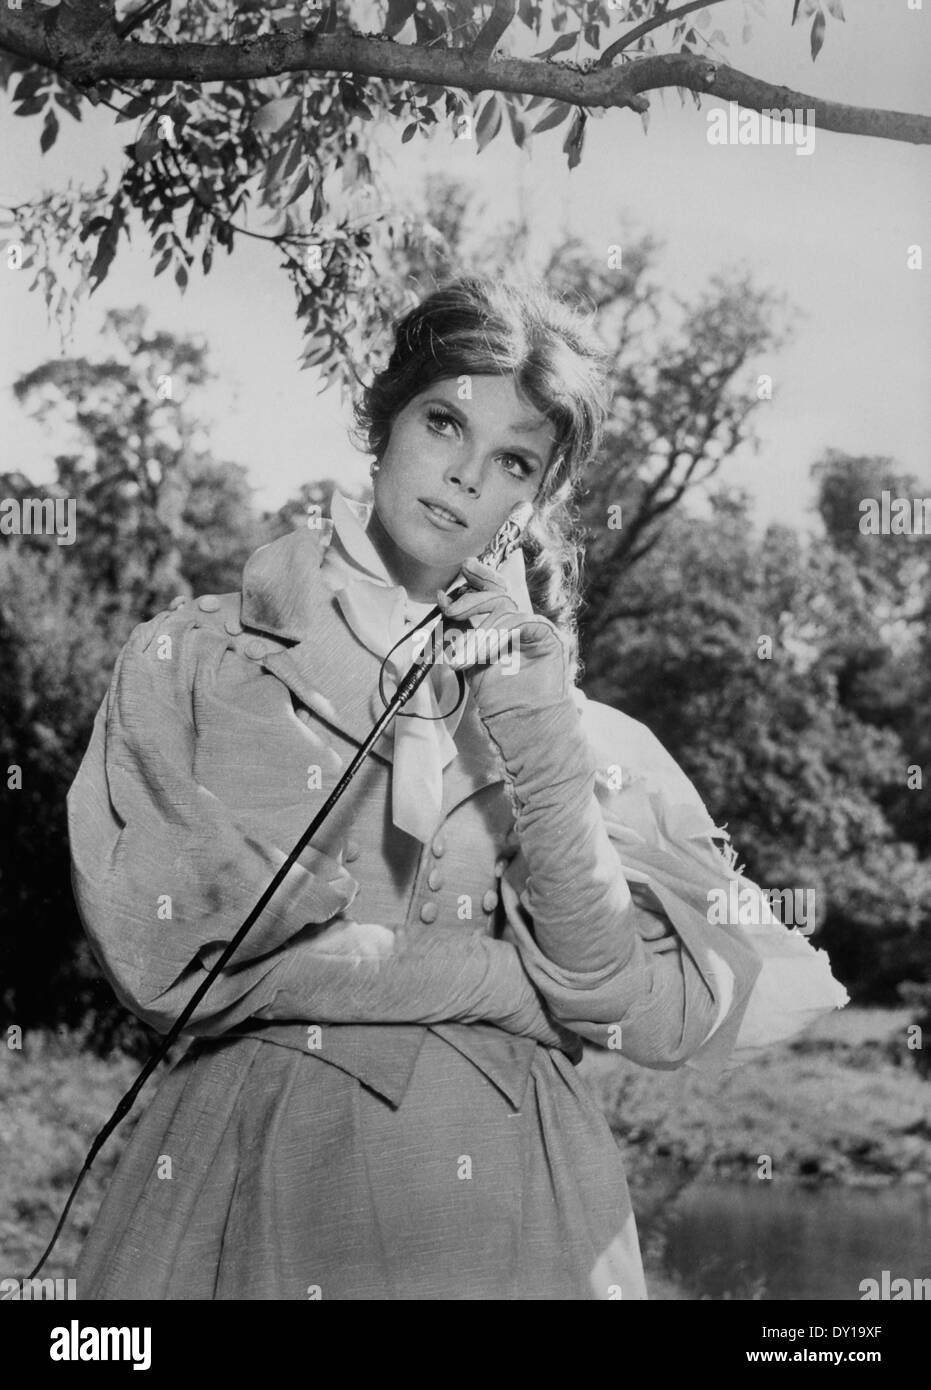 Samantha Eggar, on-set of the Film, 'Doctor Dolittle', 1967 - Stock Image